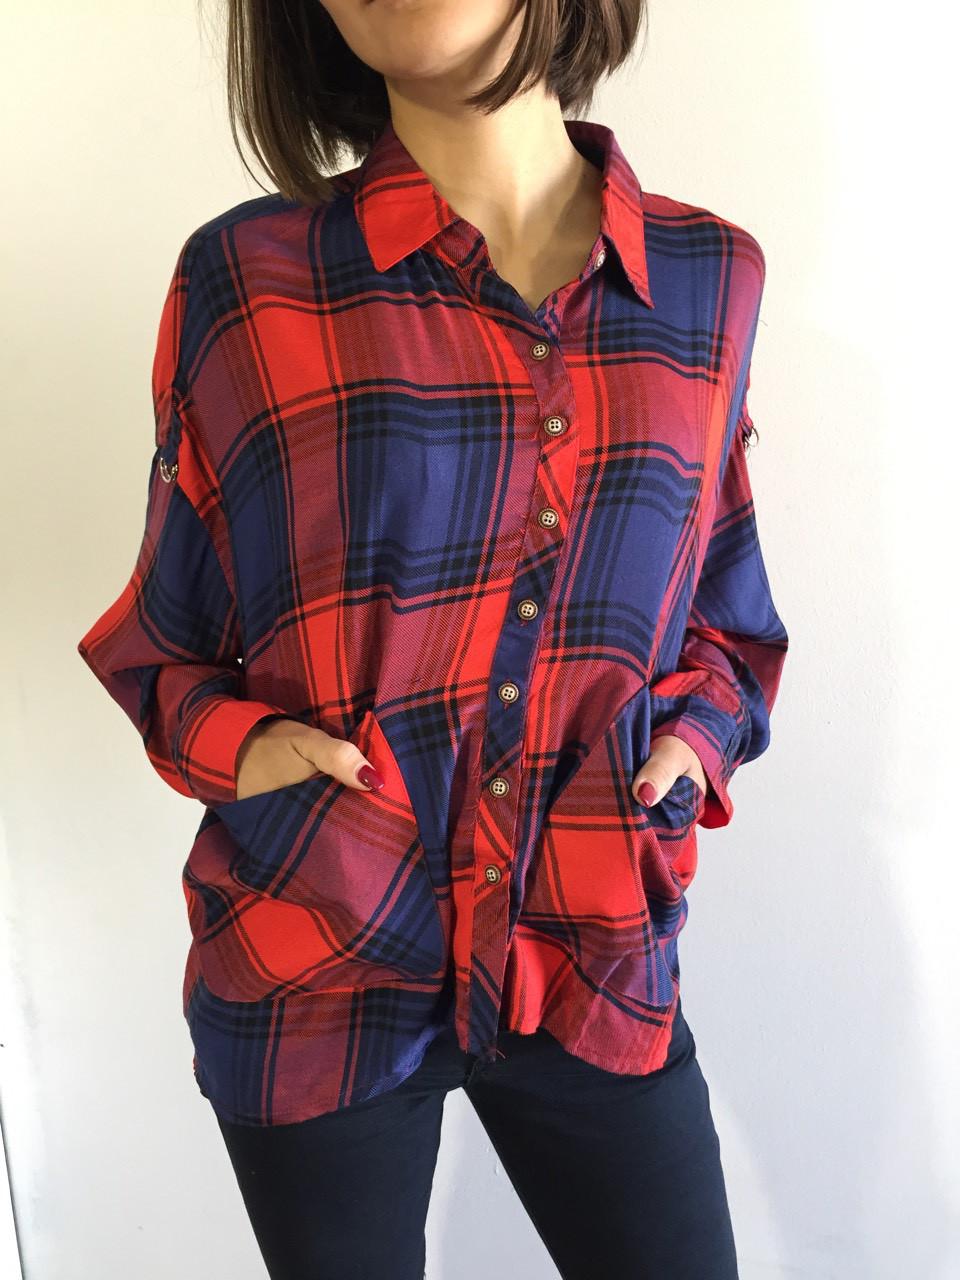 9d7713172a9 Рубашка женская клетчатая красно-синяя 7665 - купить по низкой цене ...